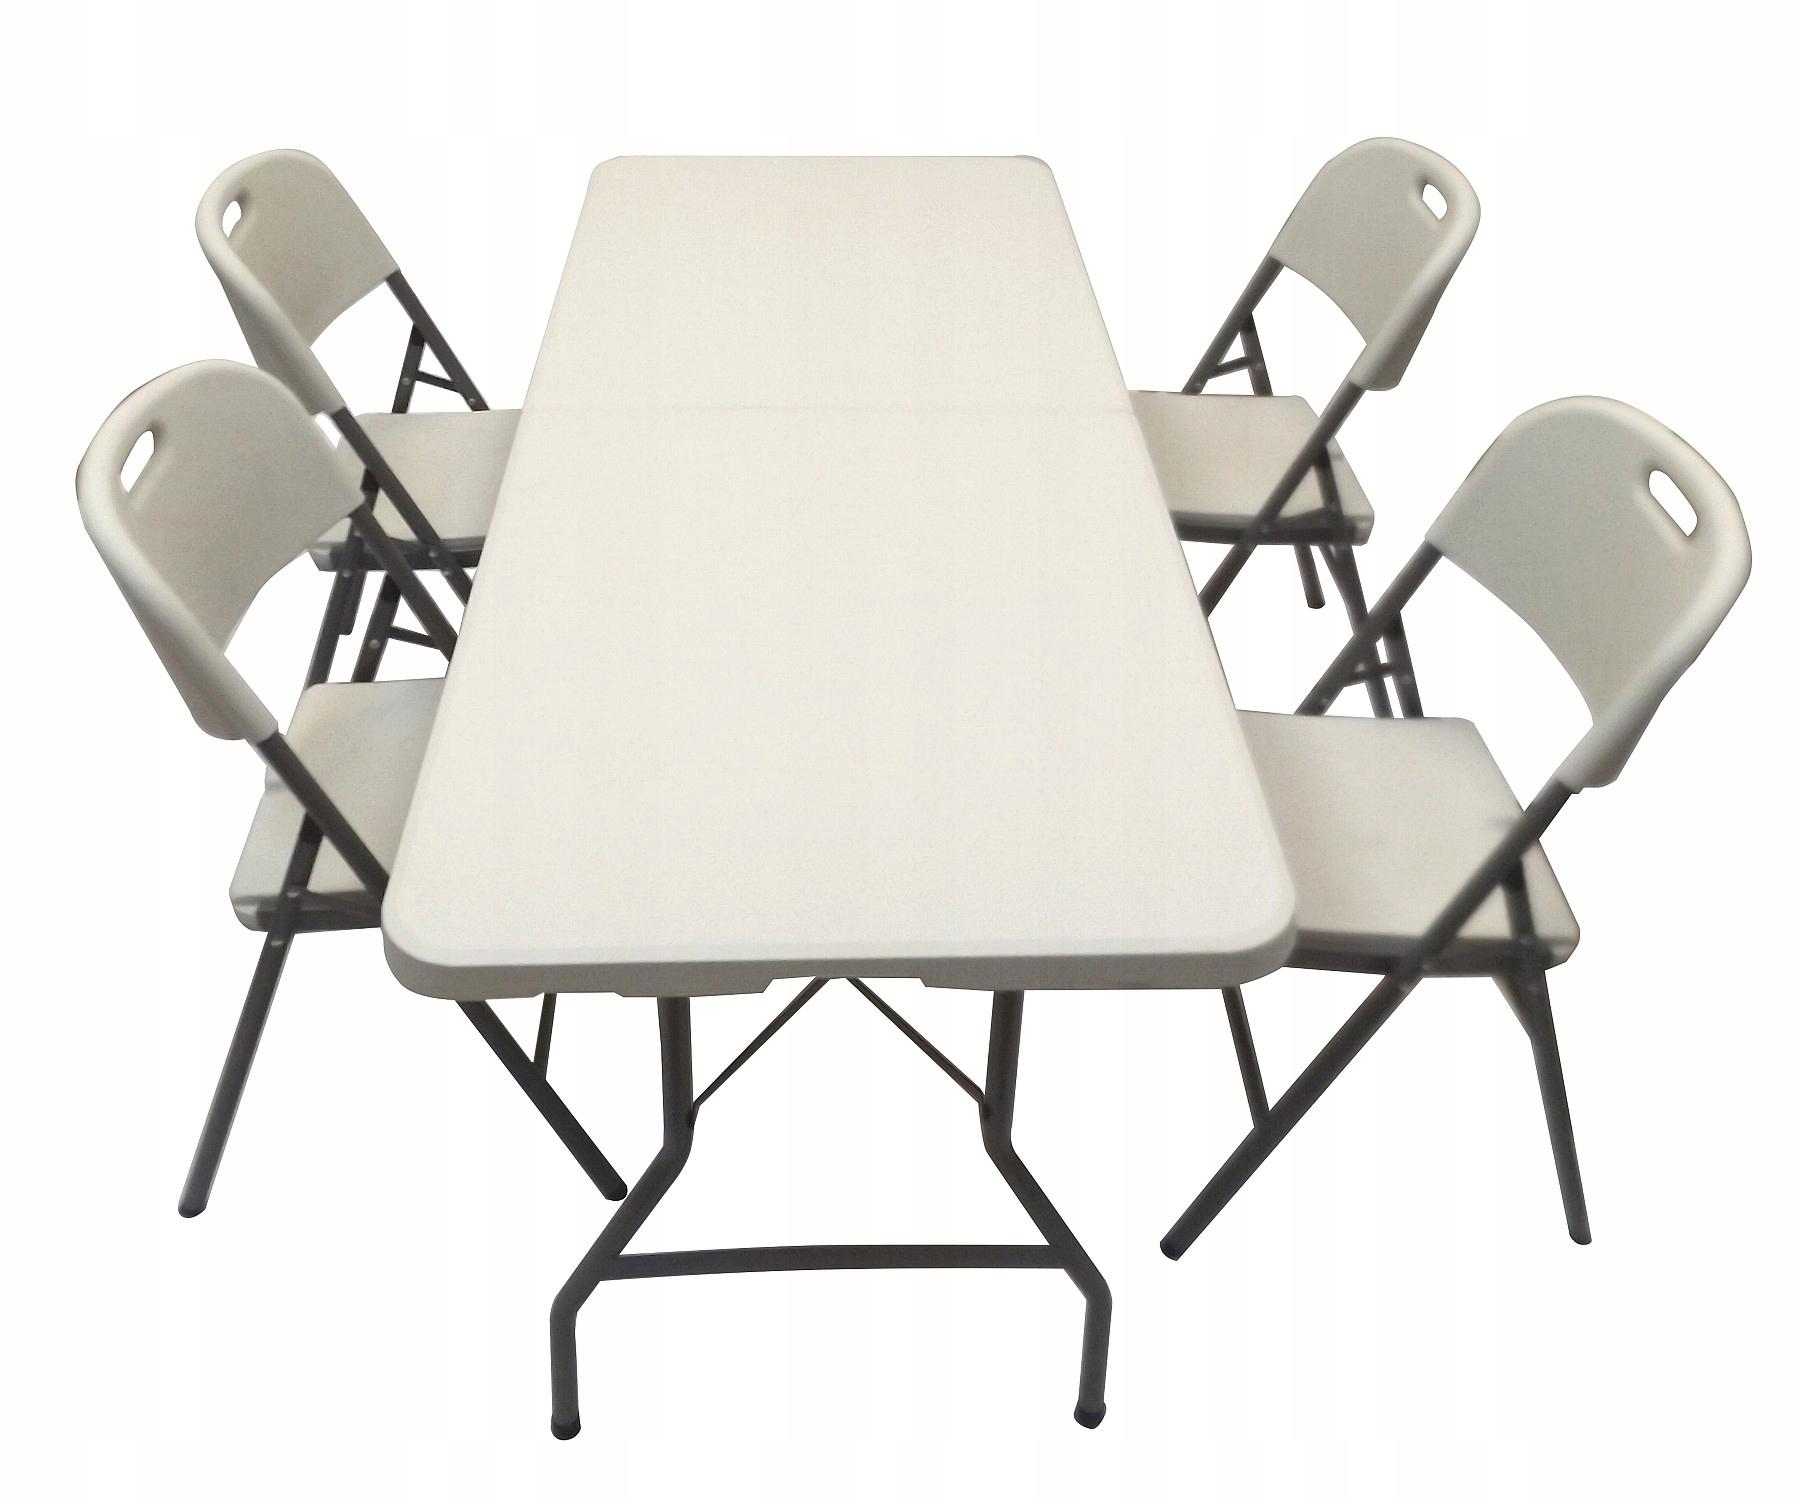 Modish Stół cateringowy ogrodowy składany 180 + 4 krzesła - 7571764500 XS98